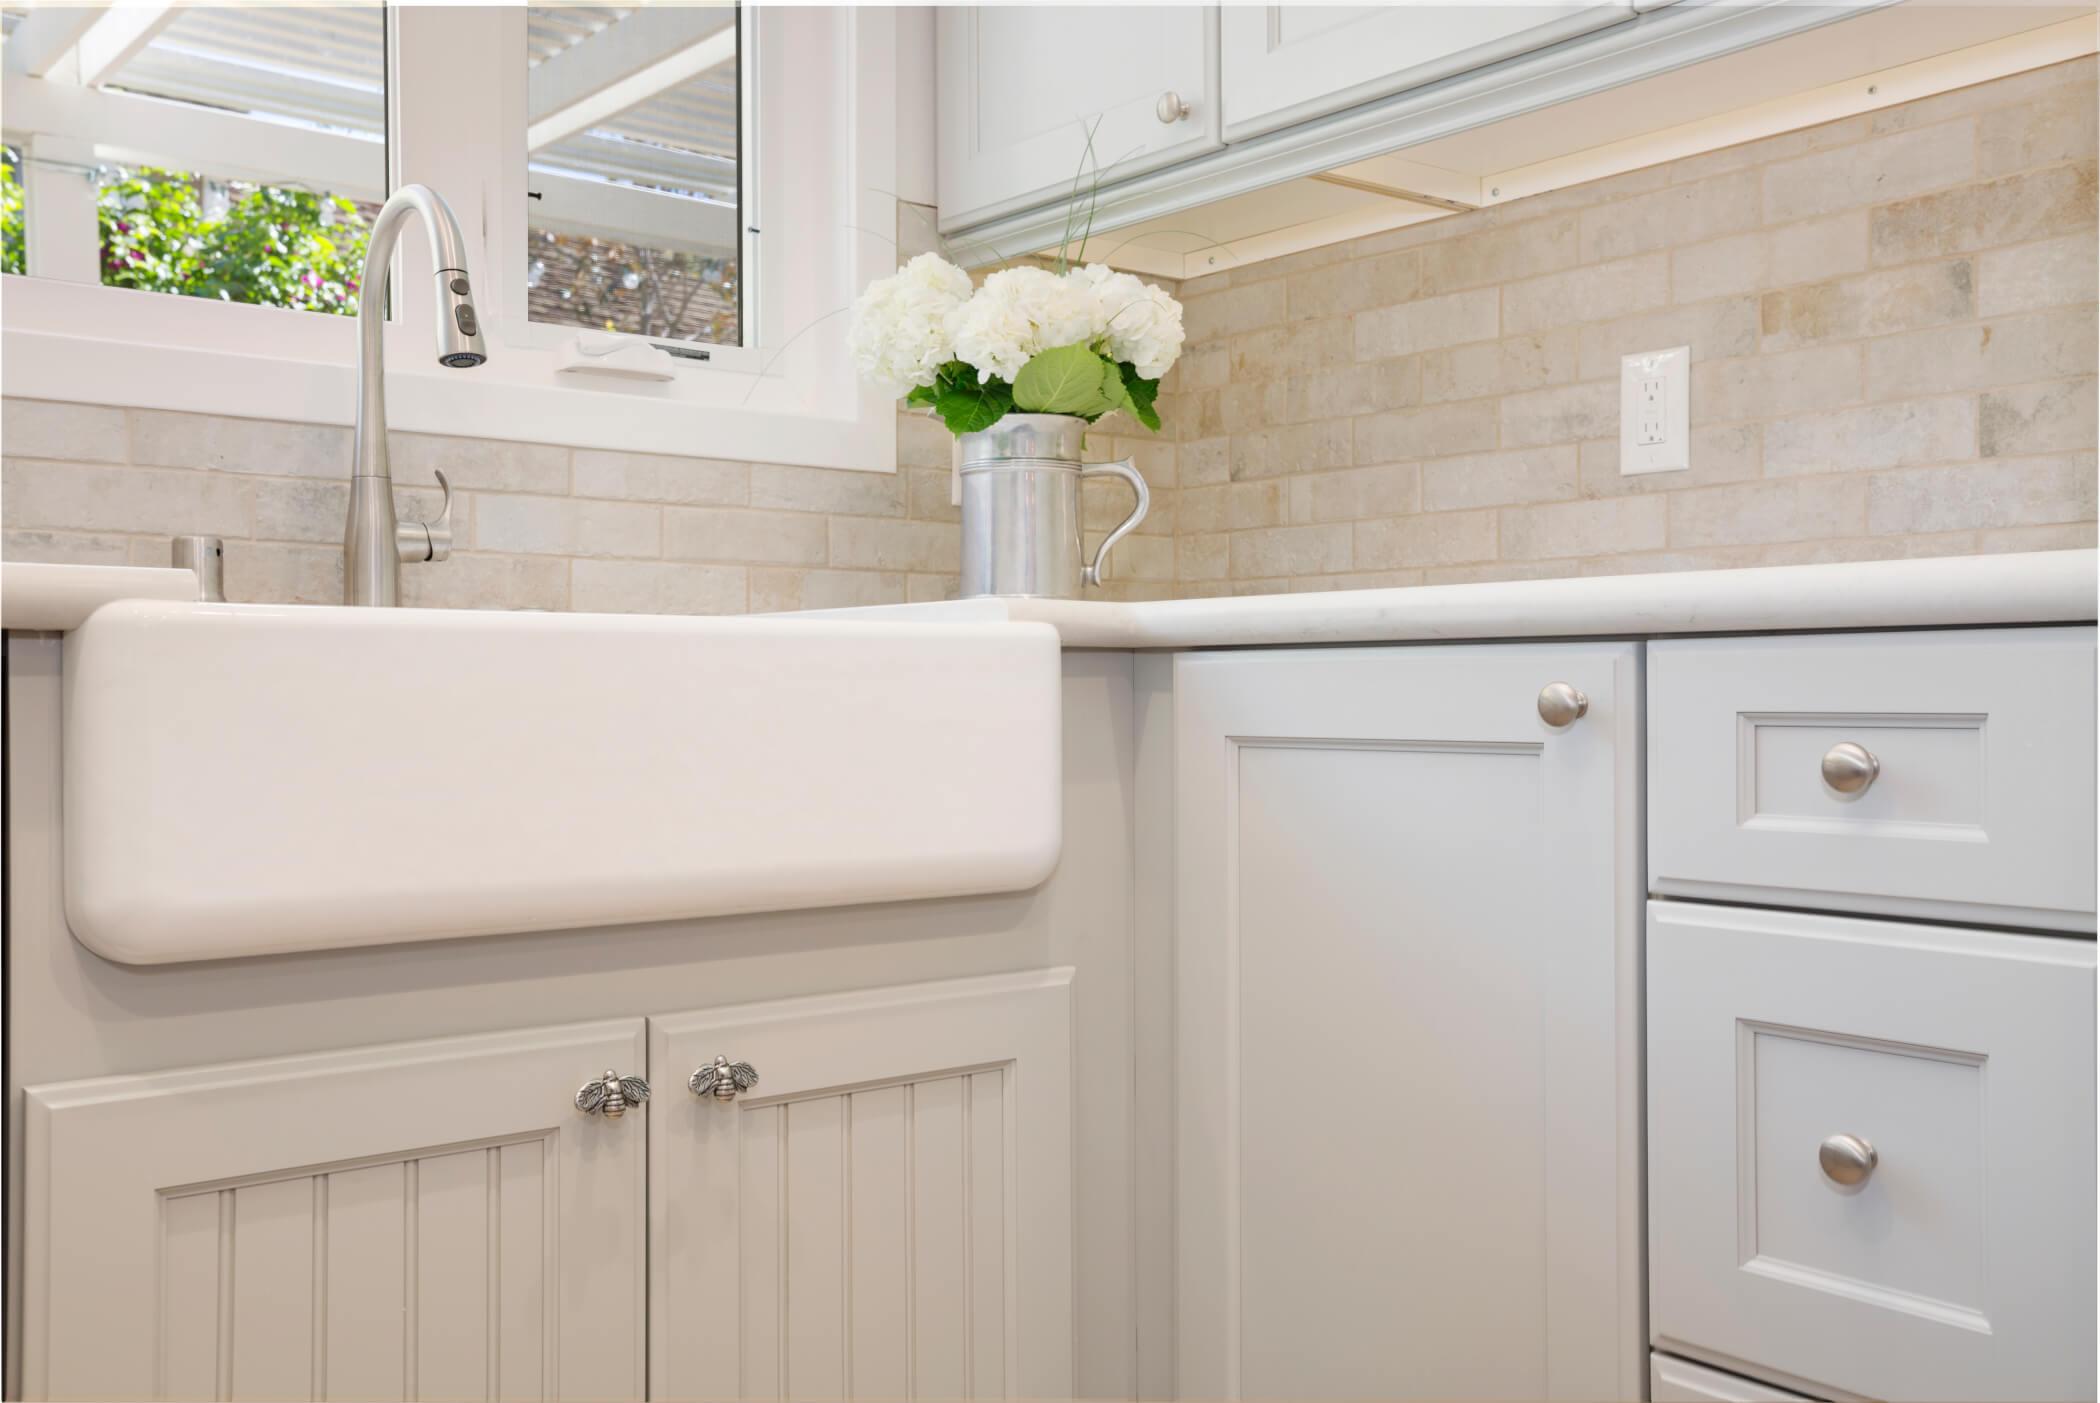 Kitchen Remodel Design Details